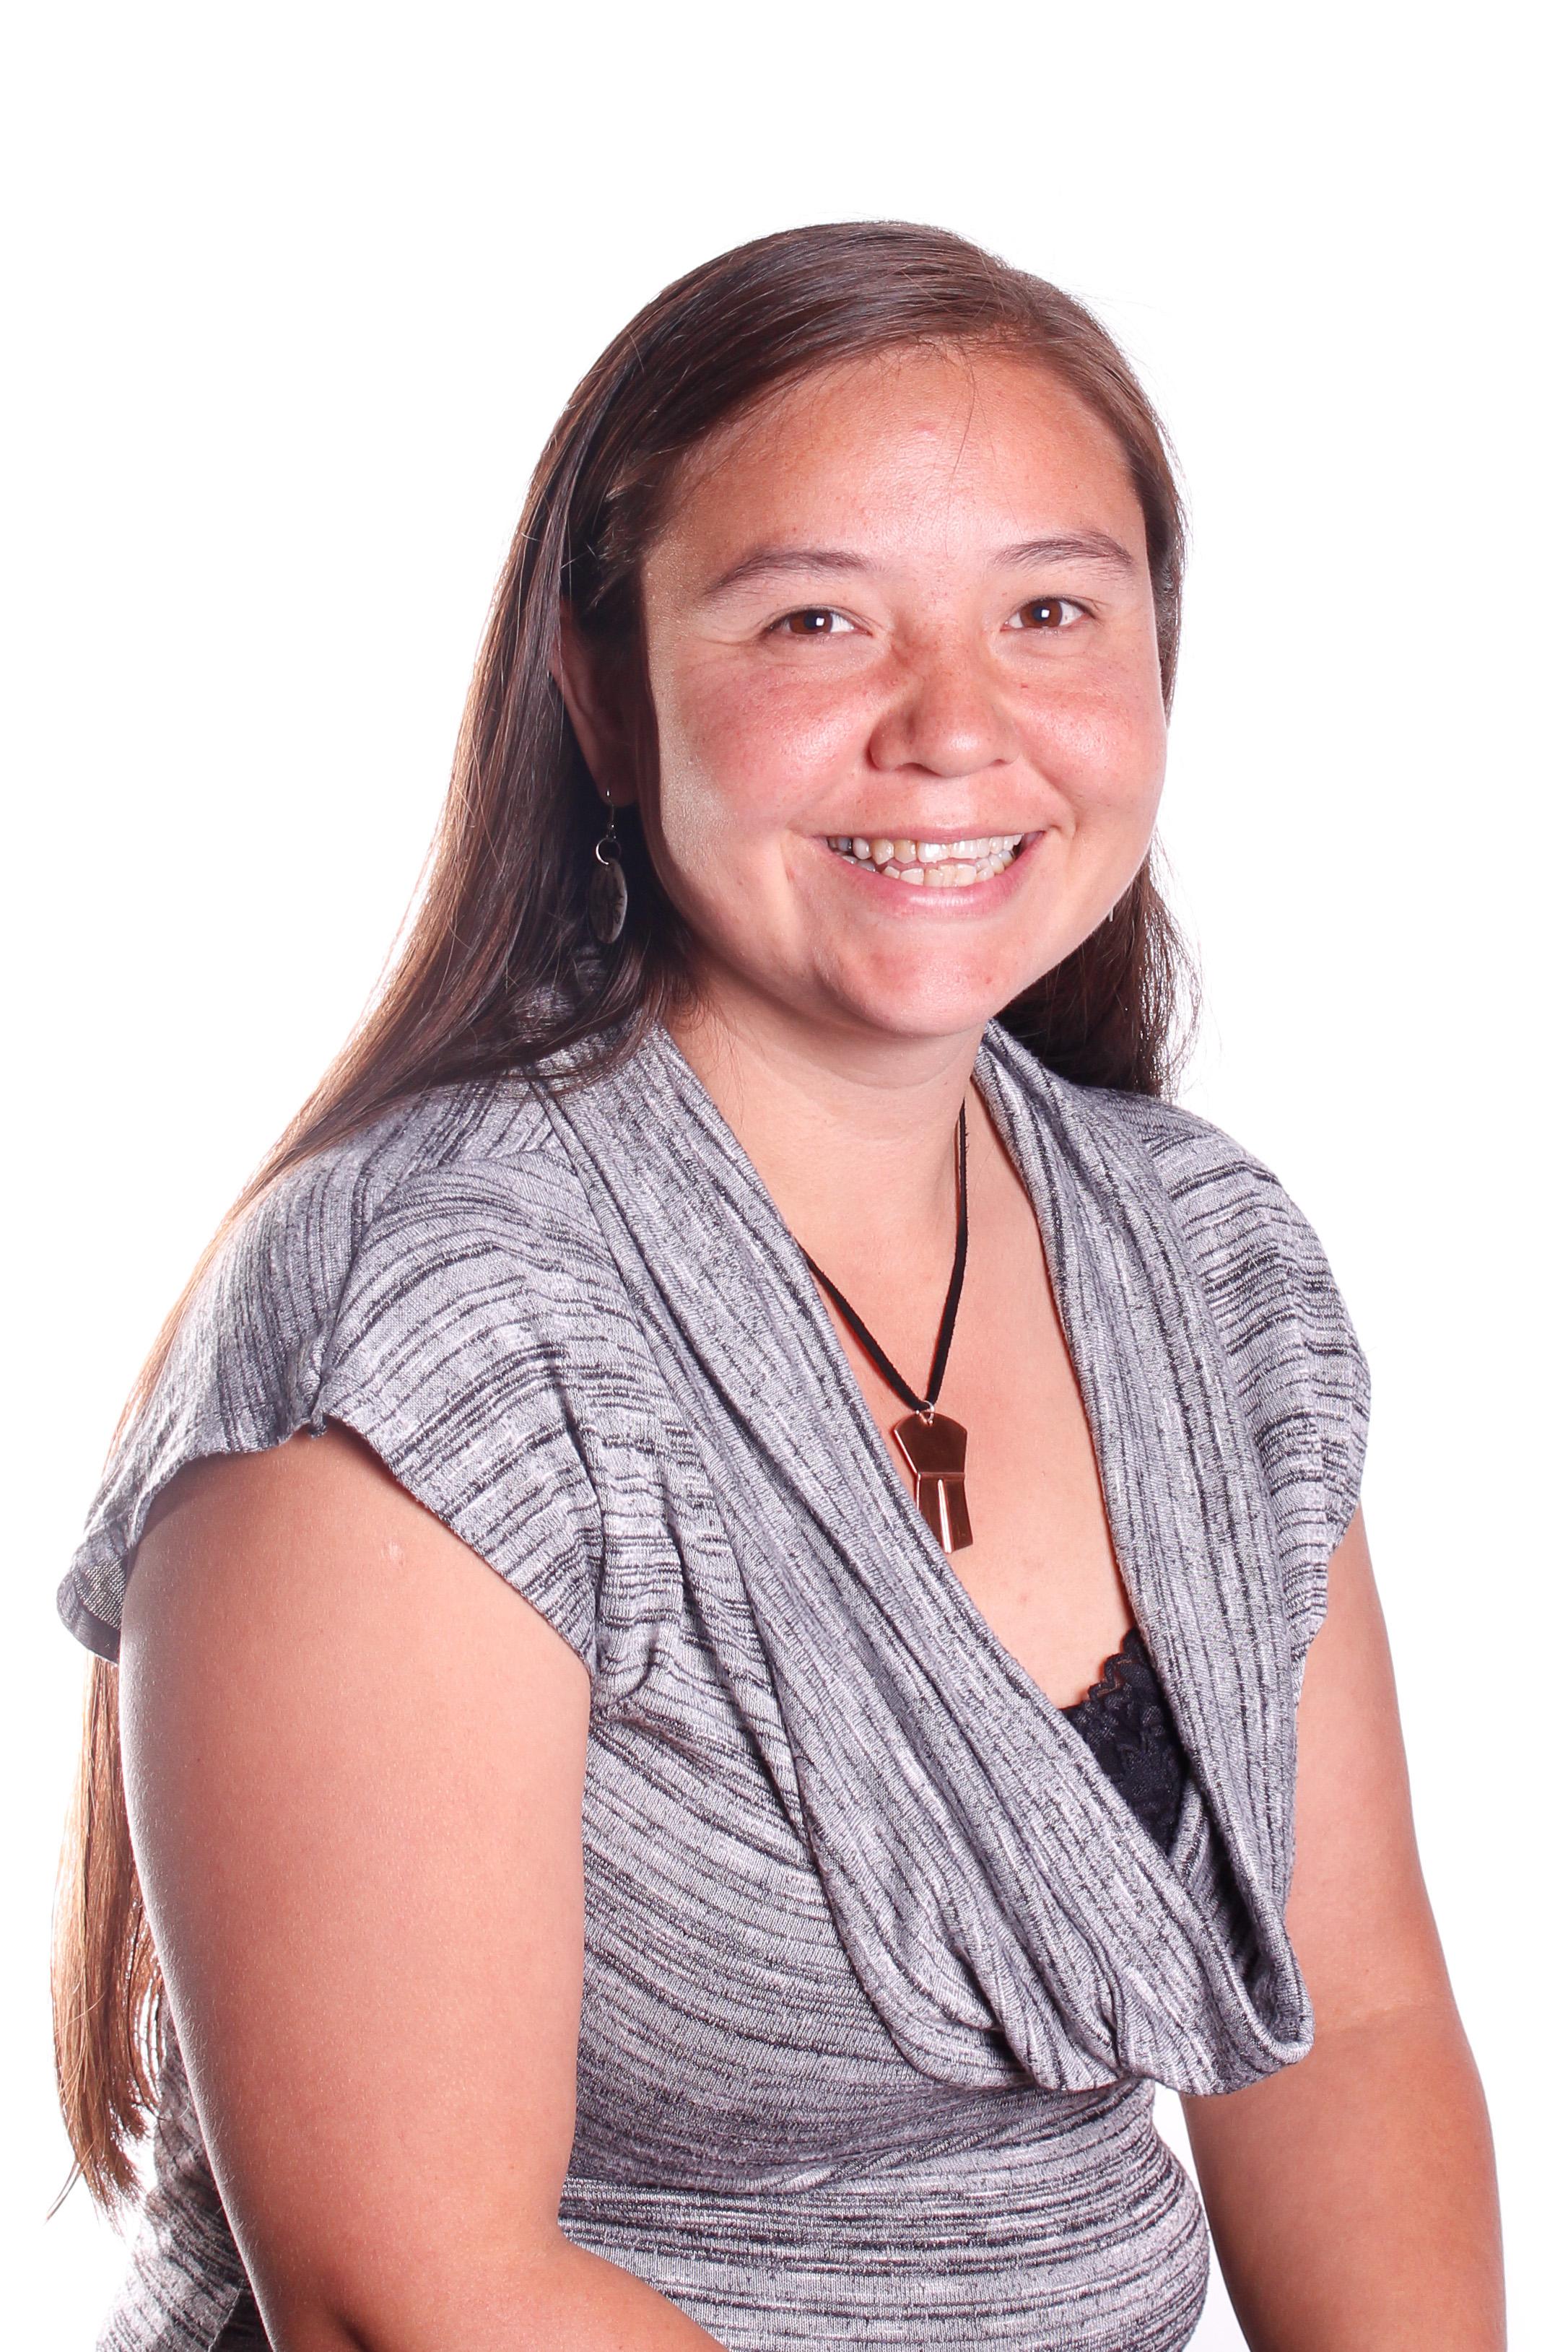 Teacher - Cynthia Snow